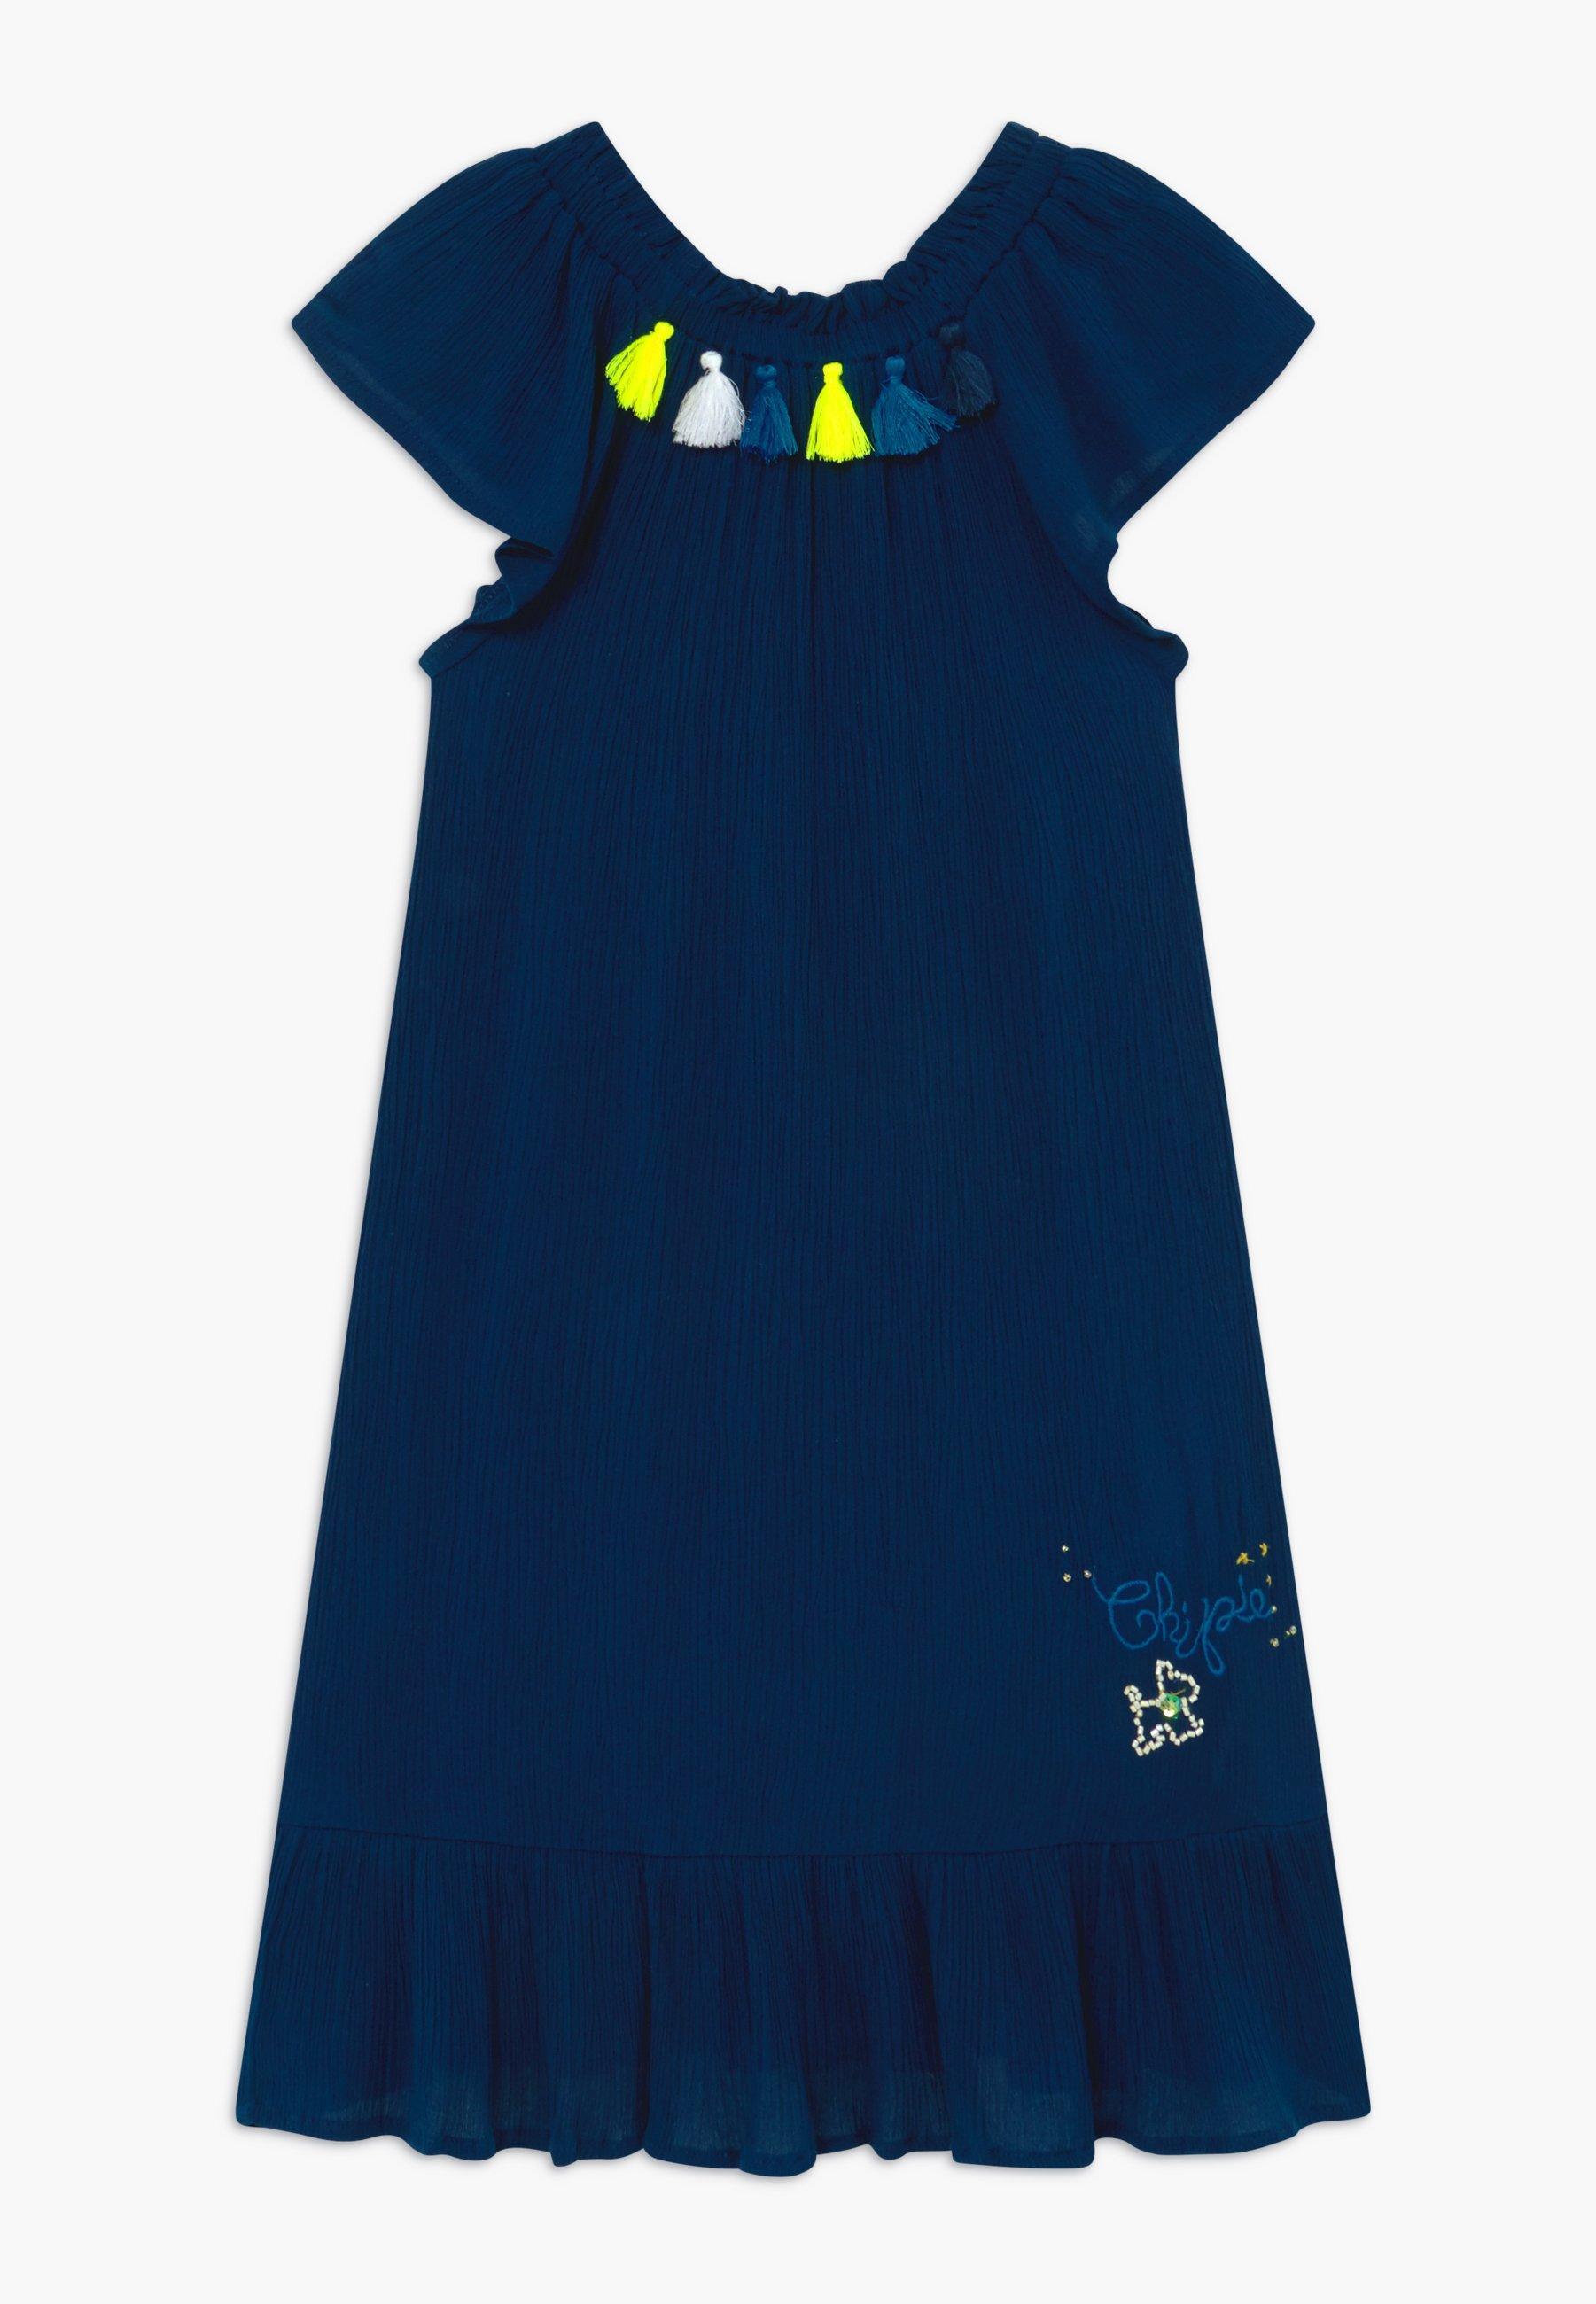 Robes enfant en promo | Tous les articles chez Zalando